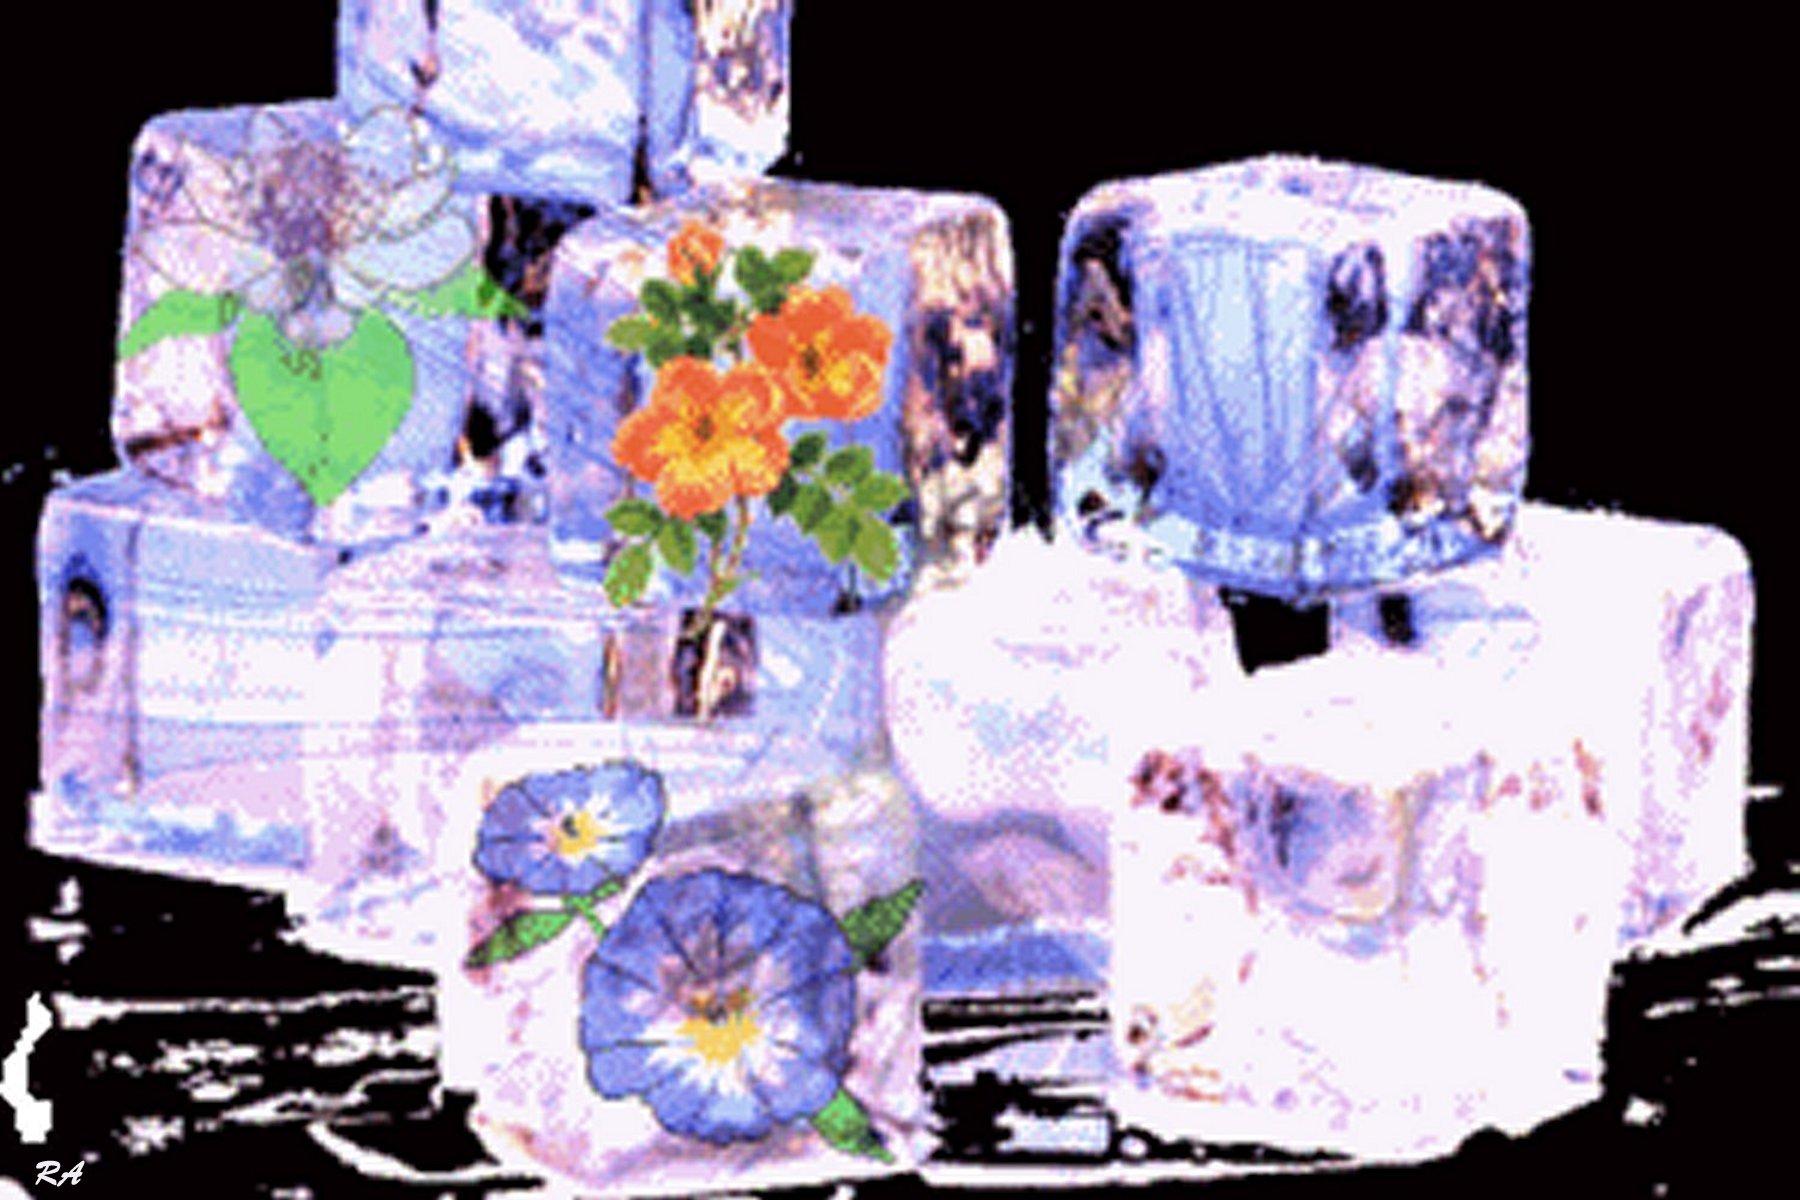 Bild: Eisblumen, Kalter sommer, Eis, Eiswürfel von NetteArt bei KunstNet